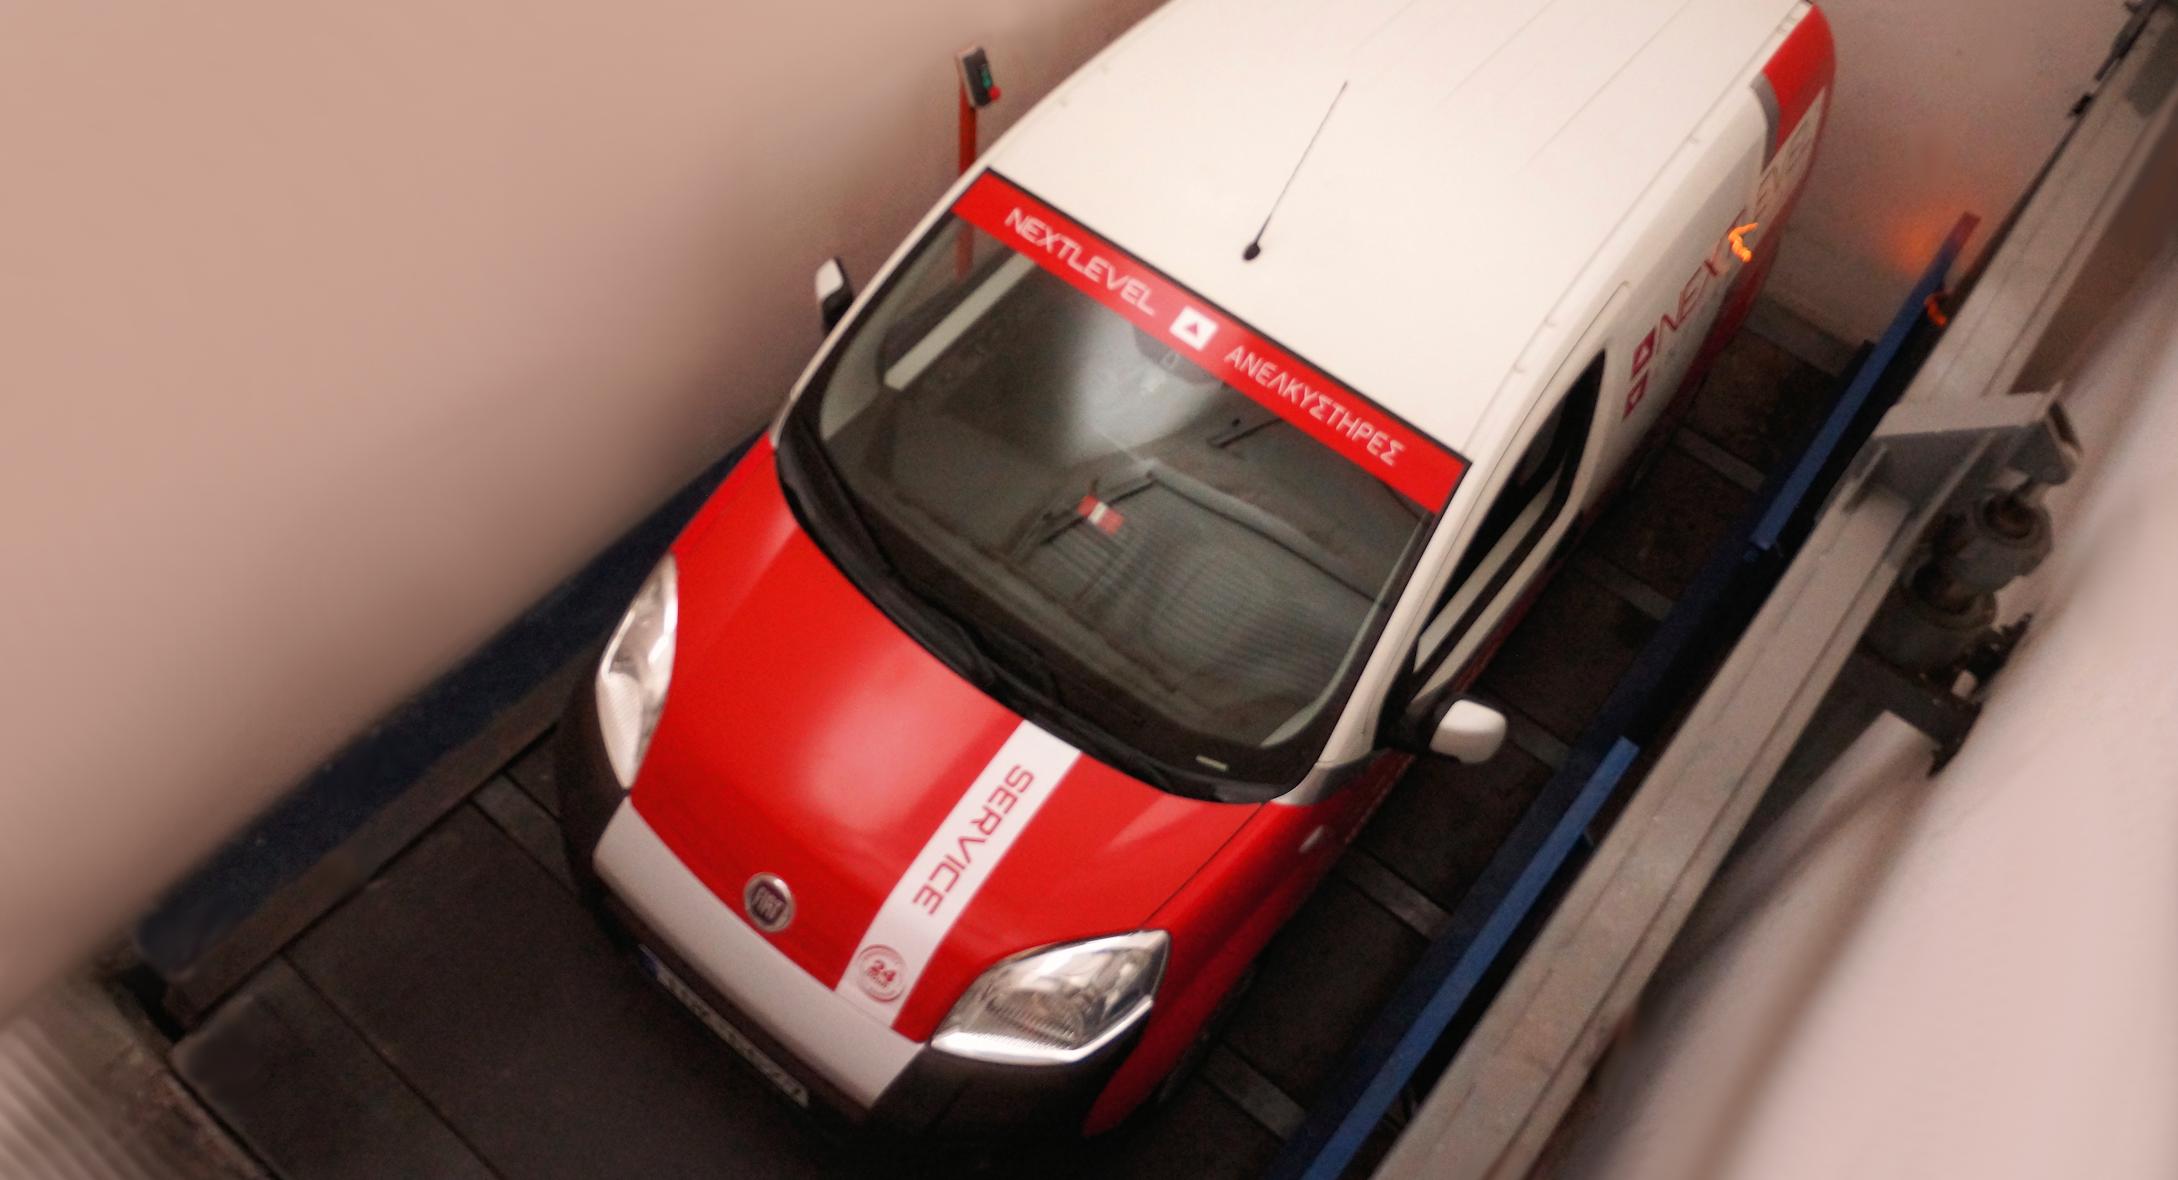 Ανελκυστήρες οχημάτων συντήρηση & εγκατάσταση ενημερωθείτε για τις τιμές μας